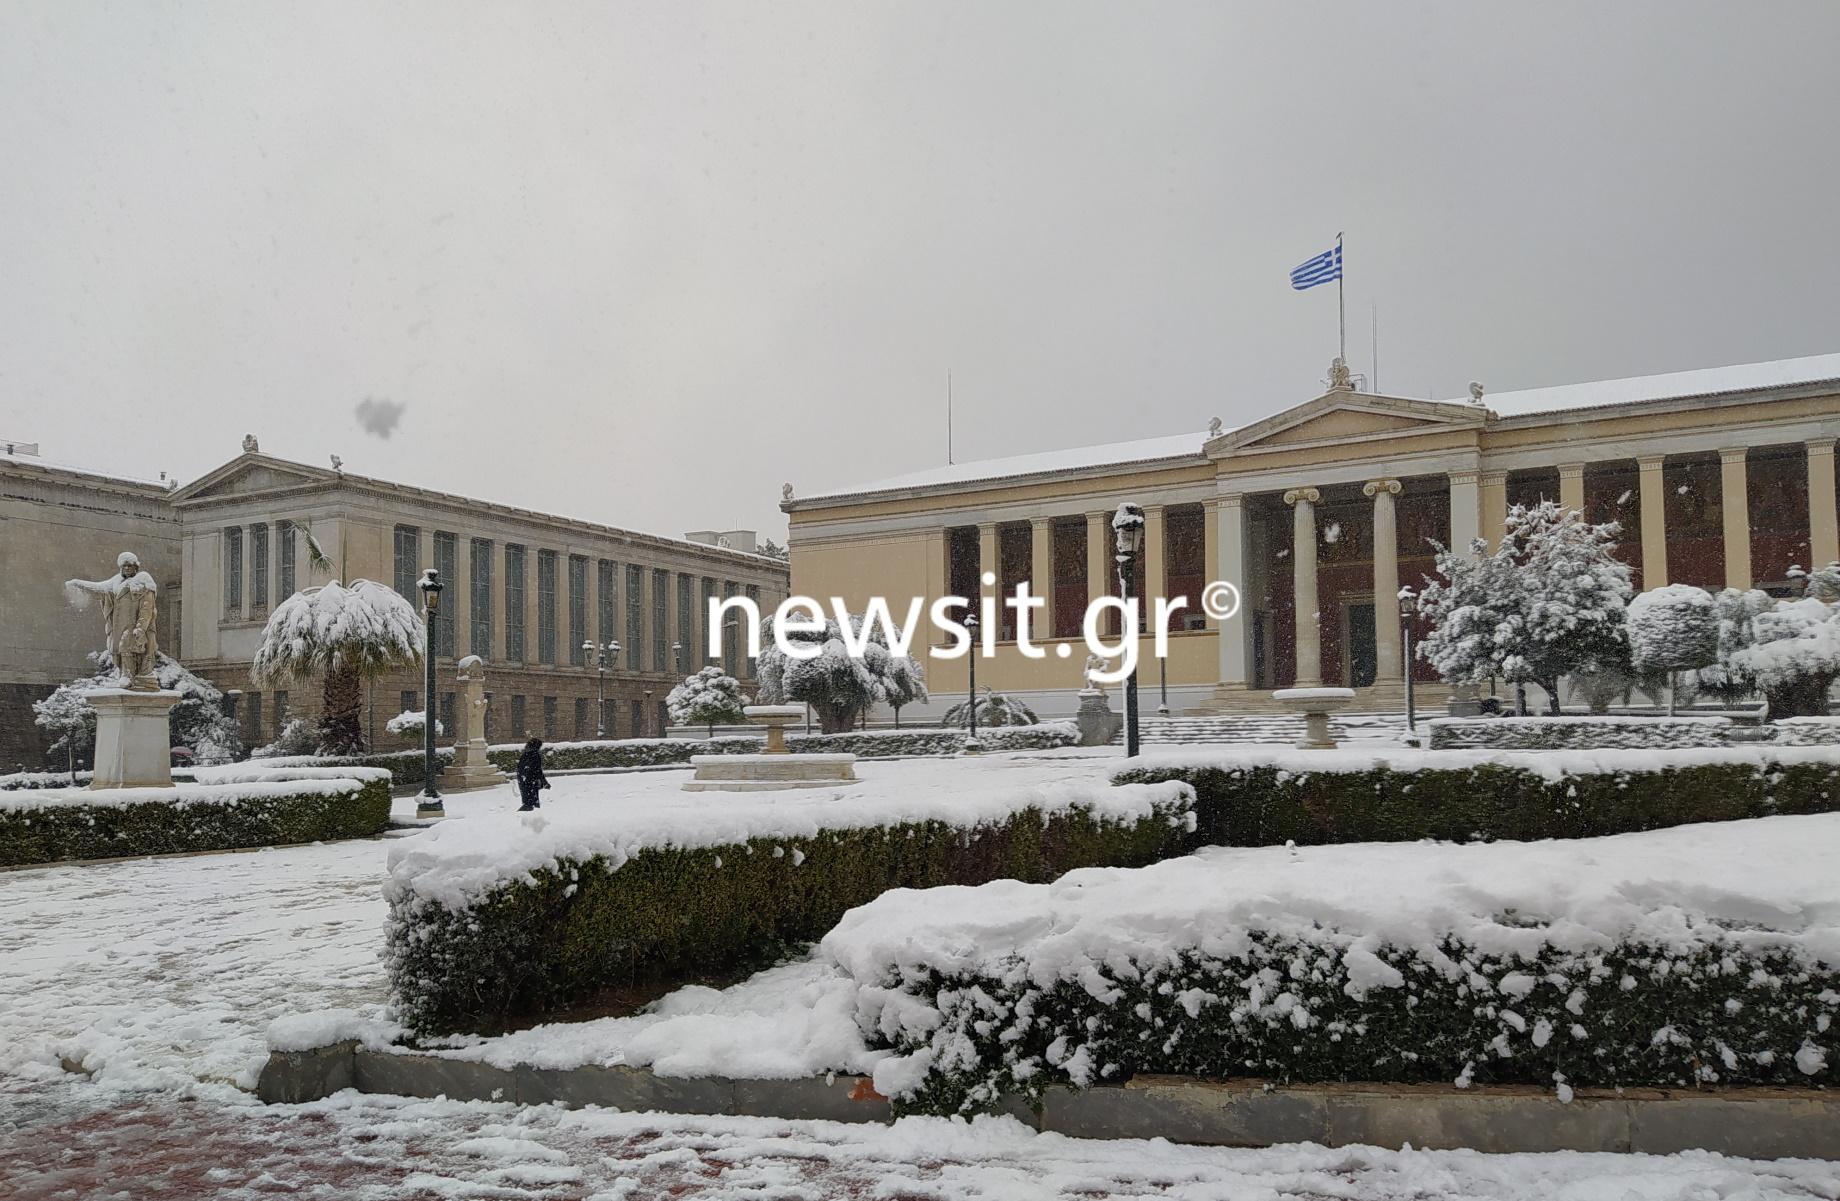 Καιρός – Αθήνα: Μαγικές εικόνες από Κολωνάκι, Προπύλαια, Πανεπιστημίου